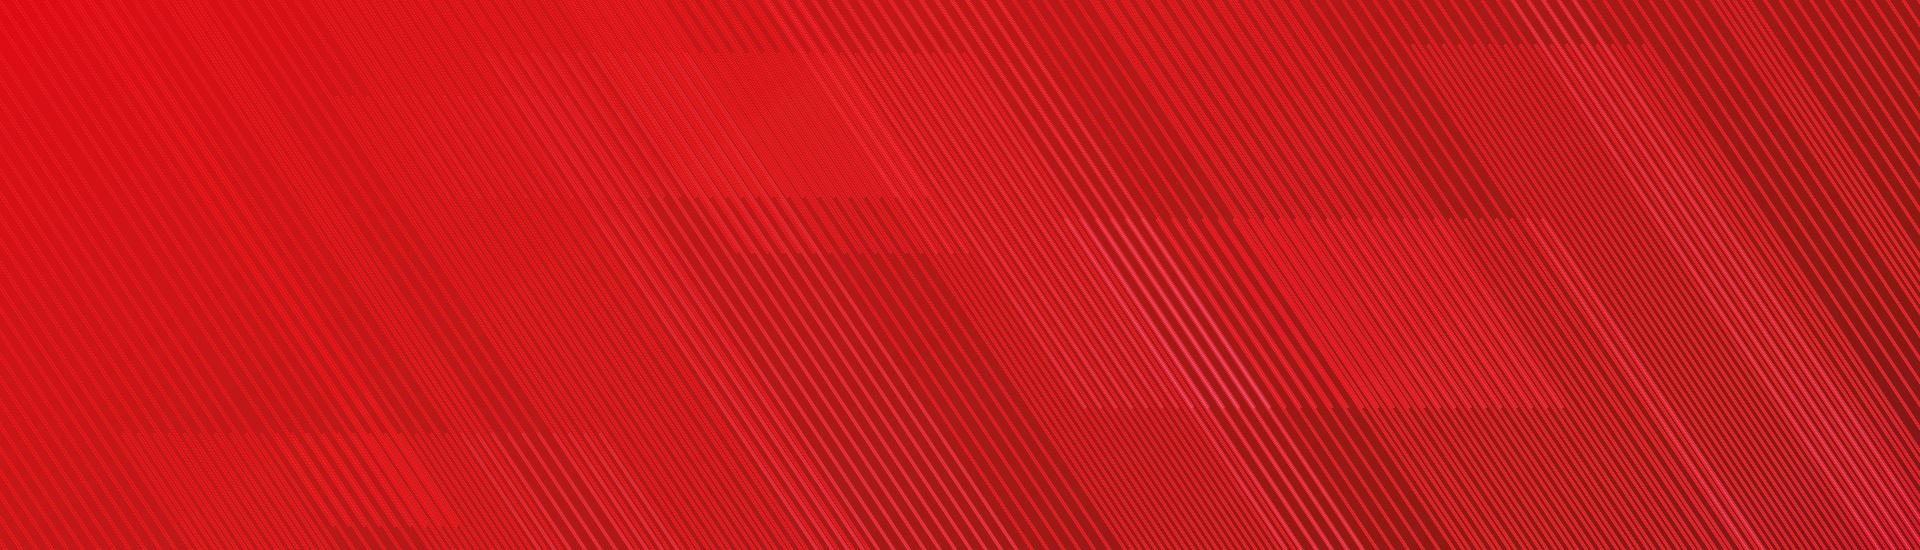 Zwei Riedel Gläser 'Riesling' GRATIS ab einem Bestellwert von 299,-! 09/2020 - Slider